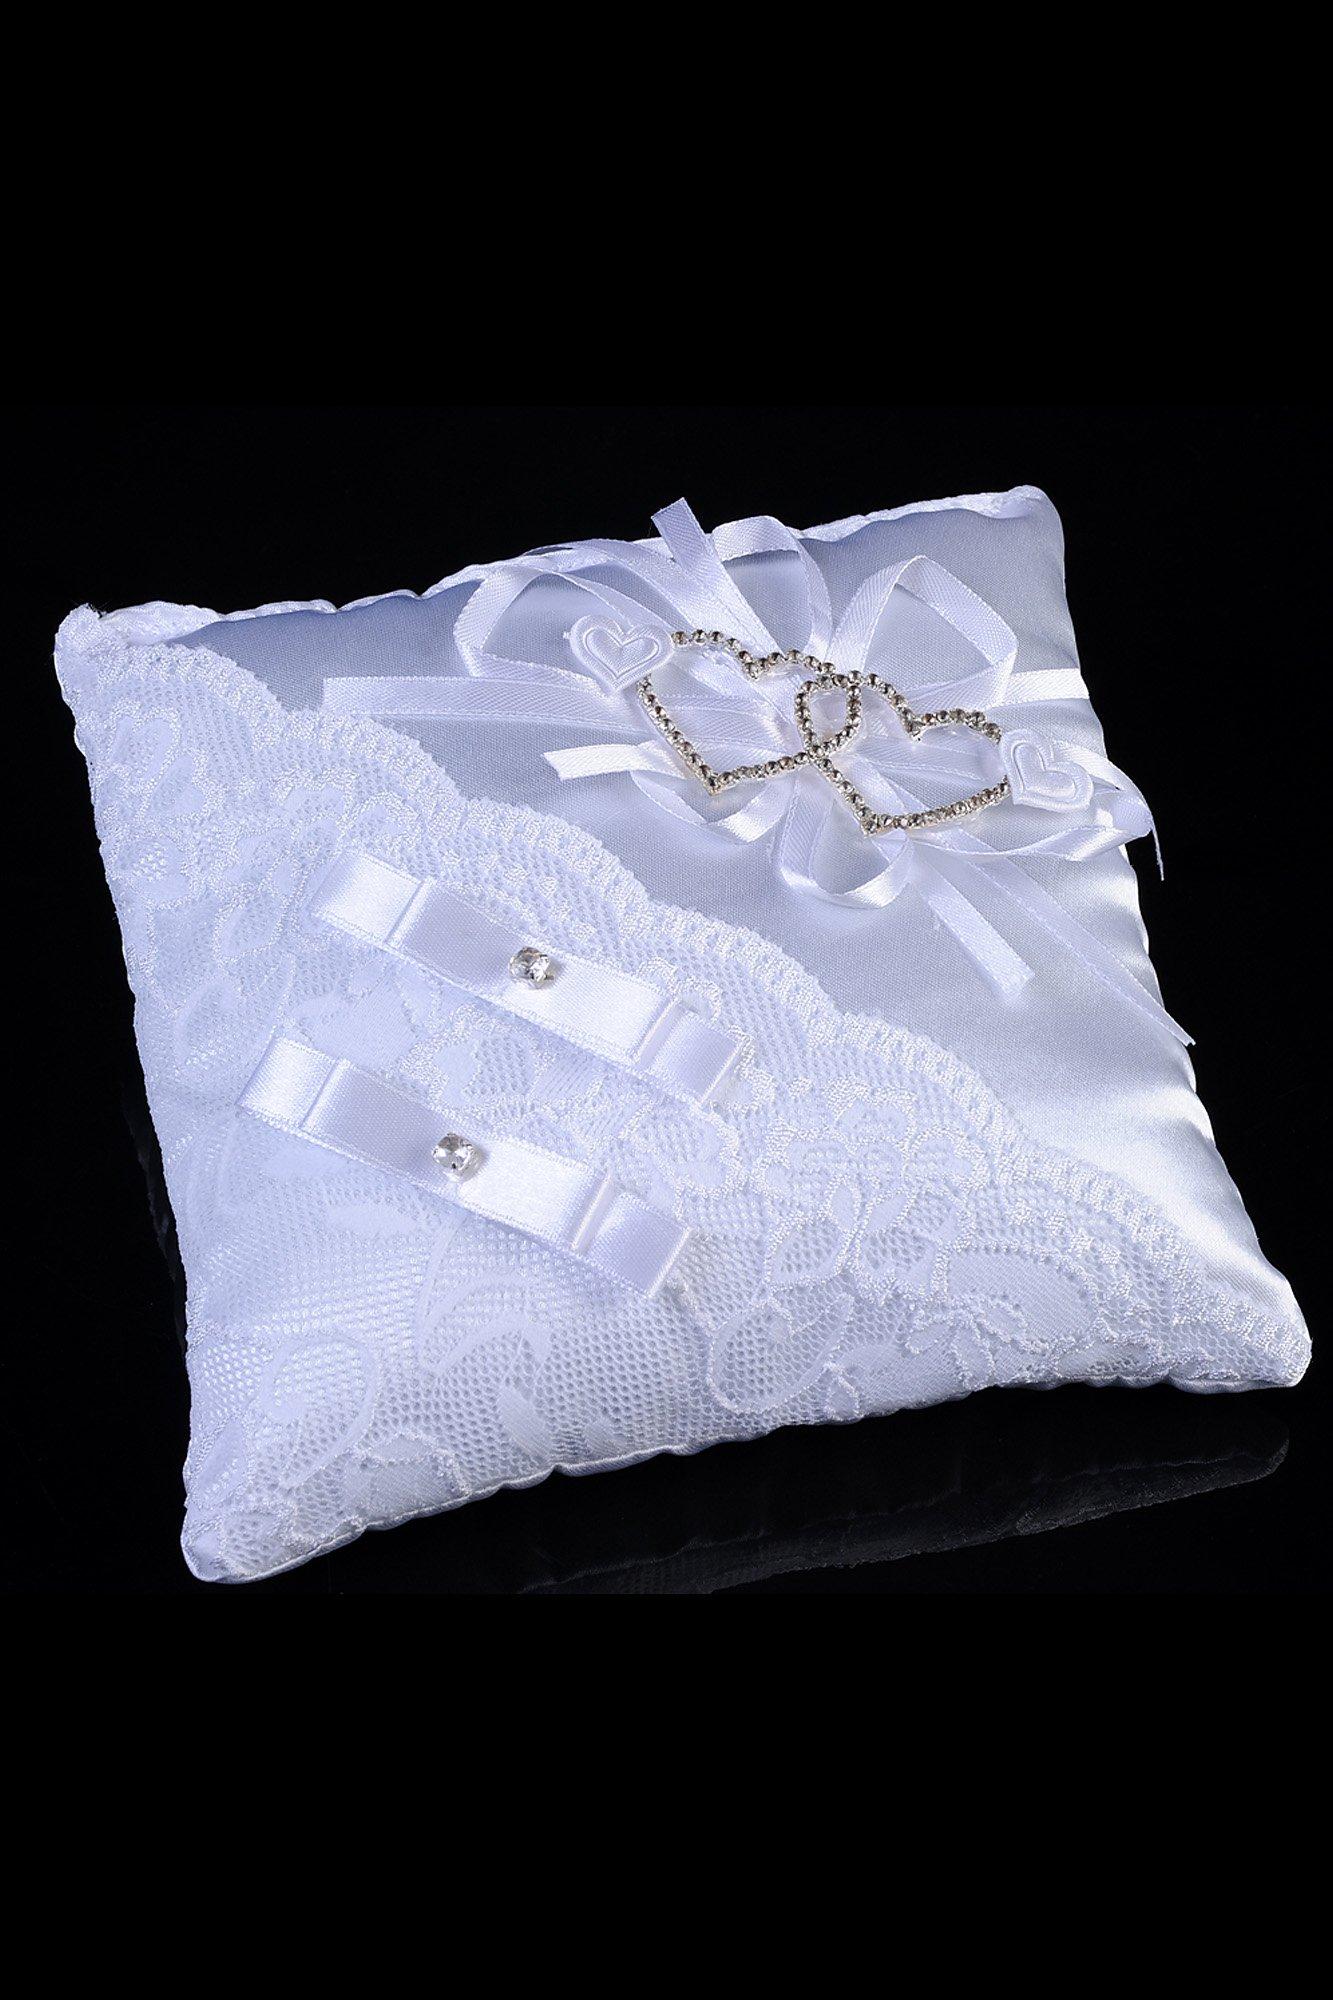 Атласная подушечка для колец, декорированная кружевом и золотистыми сердечками.